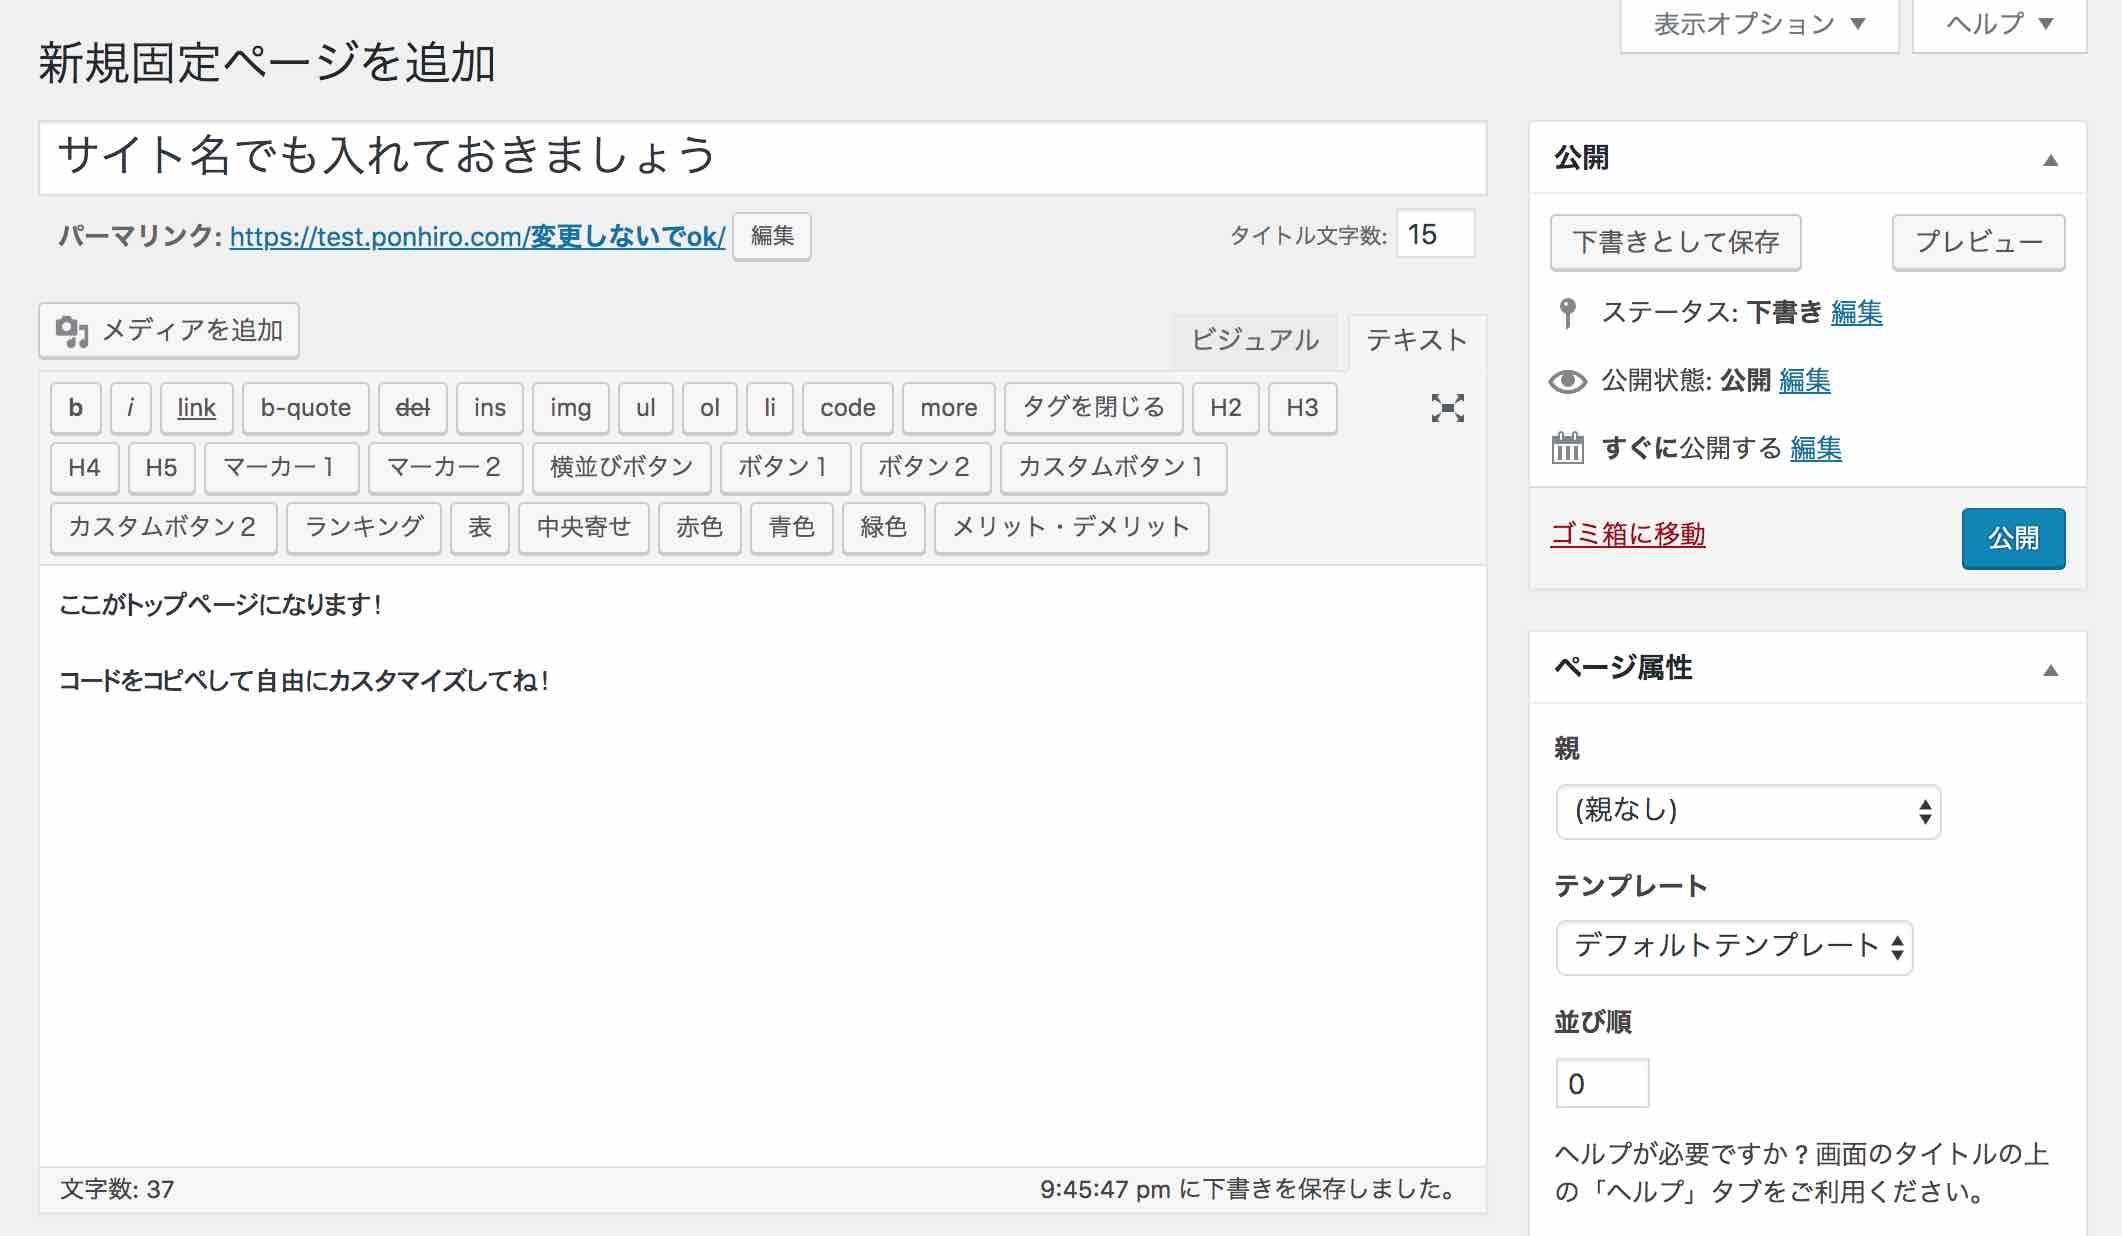 jinトップページ用の固定ページ